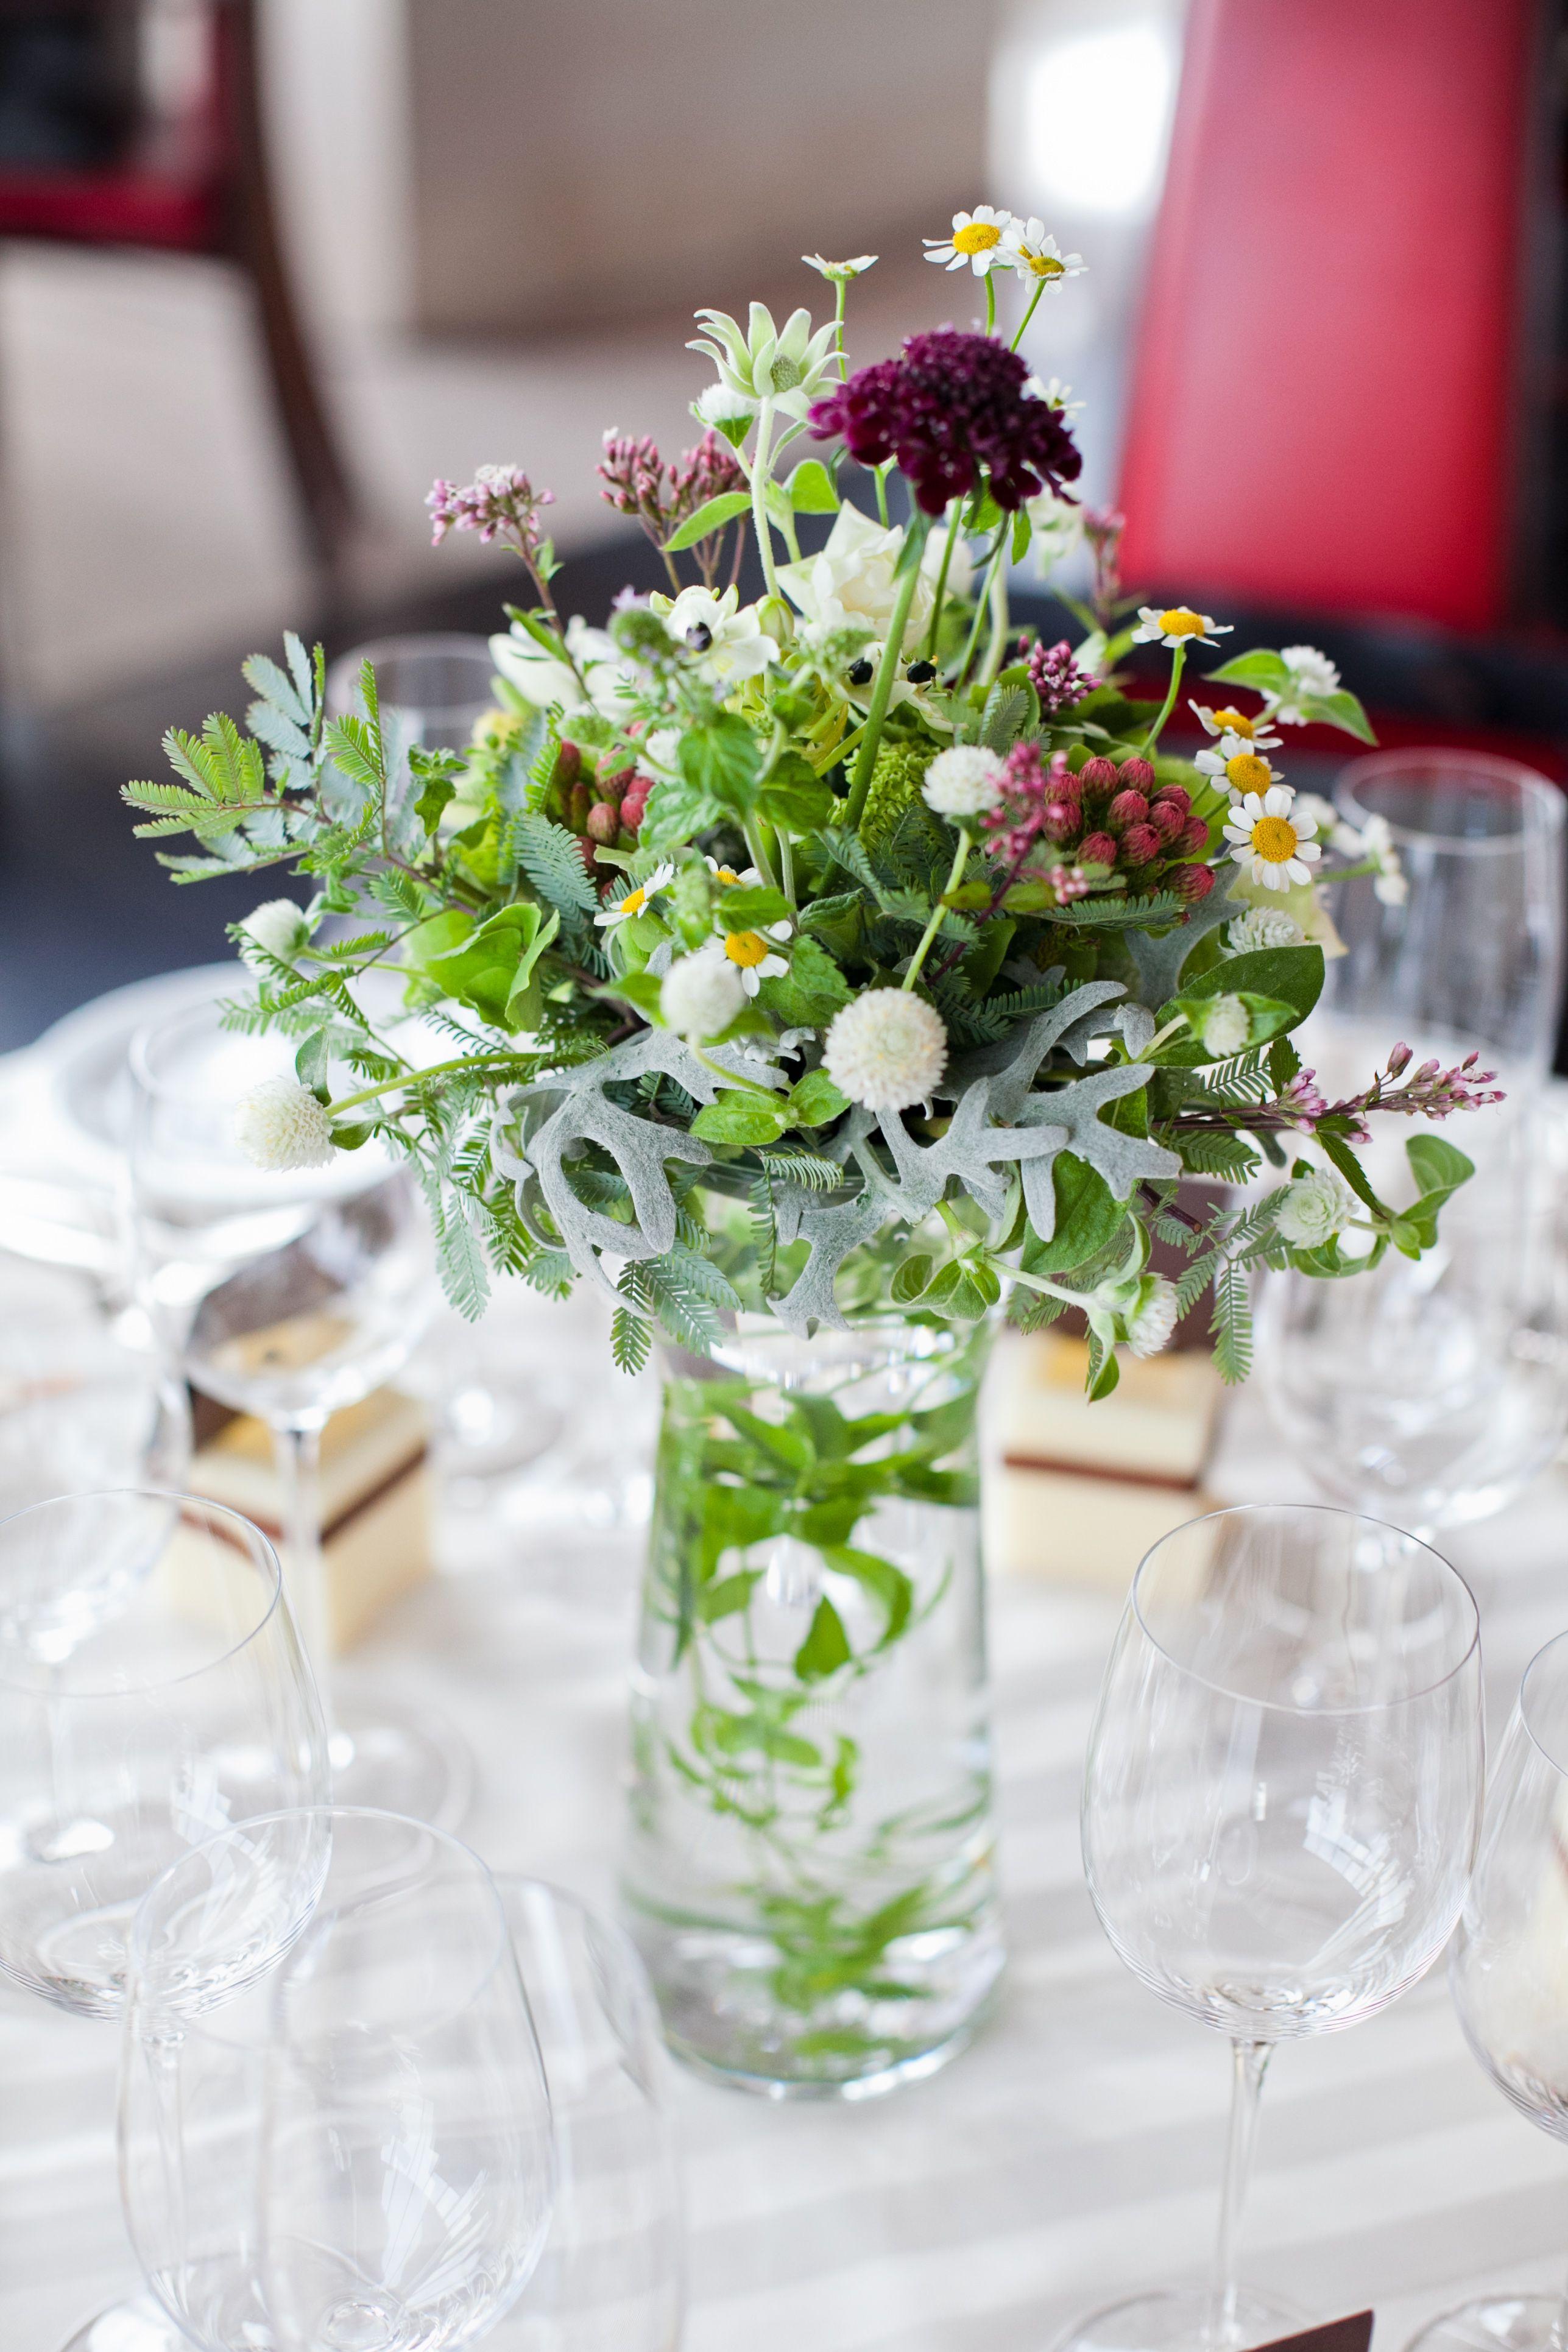 テーブル装花 会場装飾 テーブル装飾 会場装花 テーブルフラワー